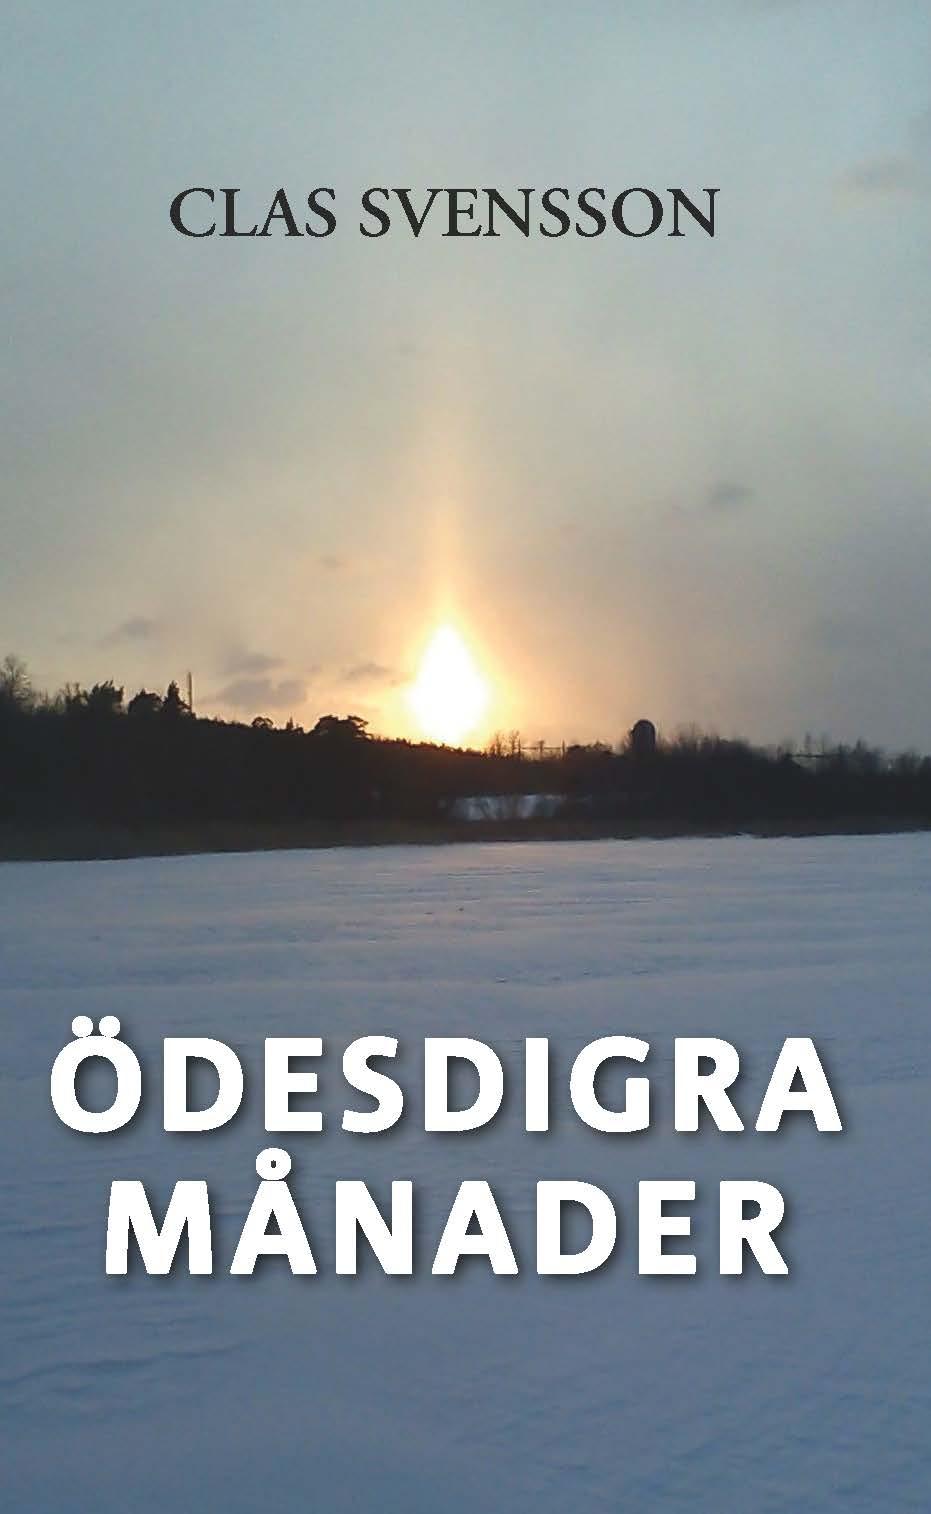 Ödesdigra månader av Clas Svensson